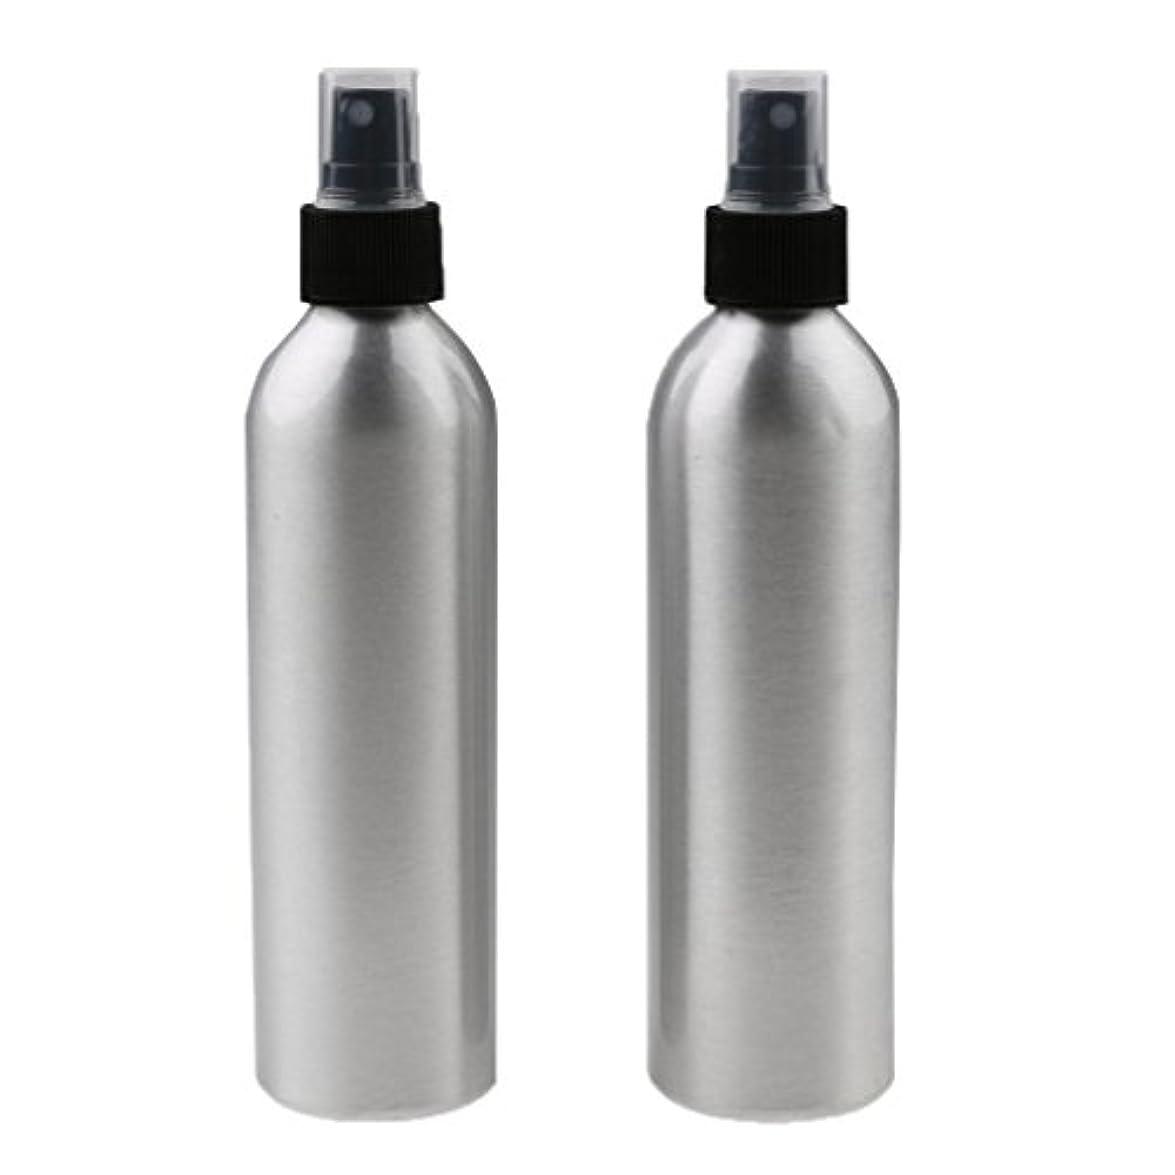 依存経営者王女2個入り 旅行 アルミ ミスト スプレー 香水ボトル メイクアップ スプレー 小分けボトル  全4サイズ - 250ml